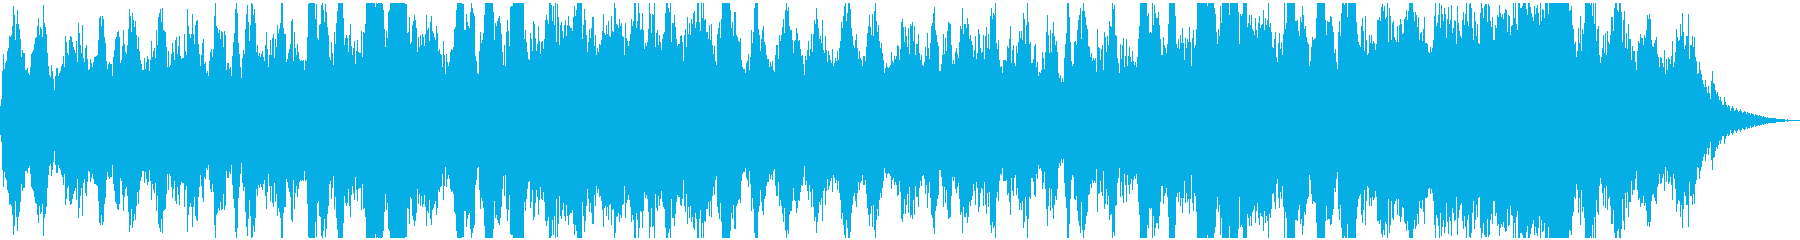 シンセサイザーと肉声で作る神秘的な地平線の再生済みの波形